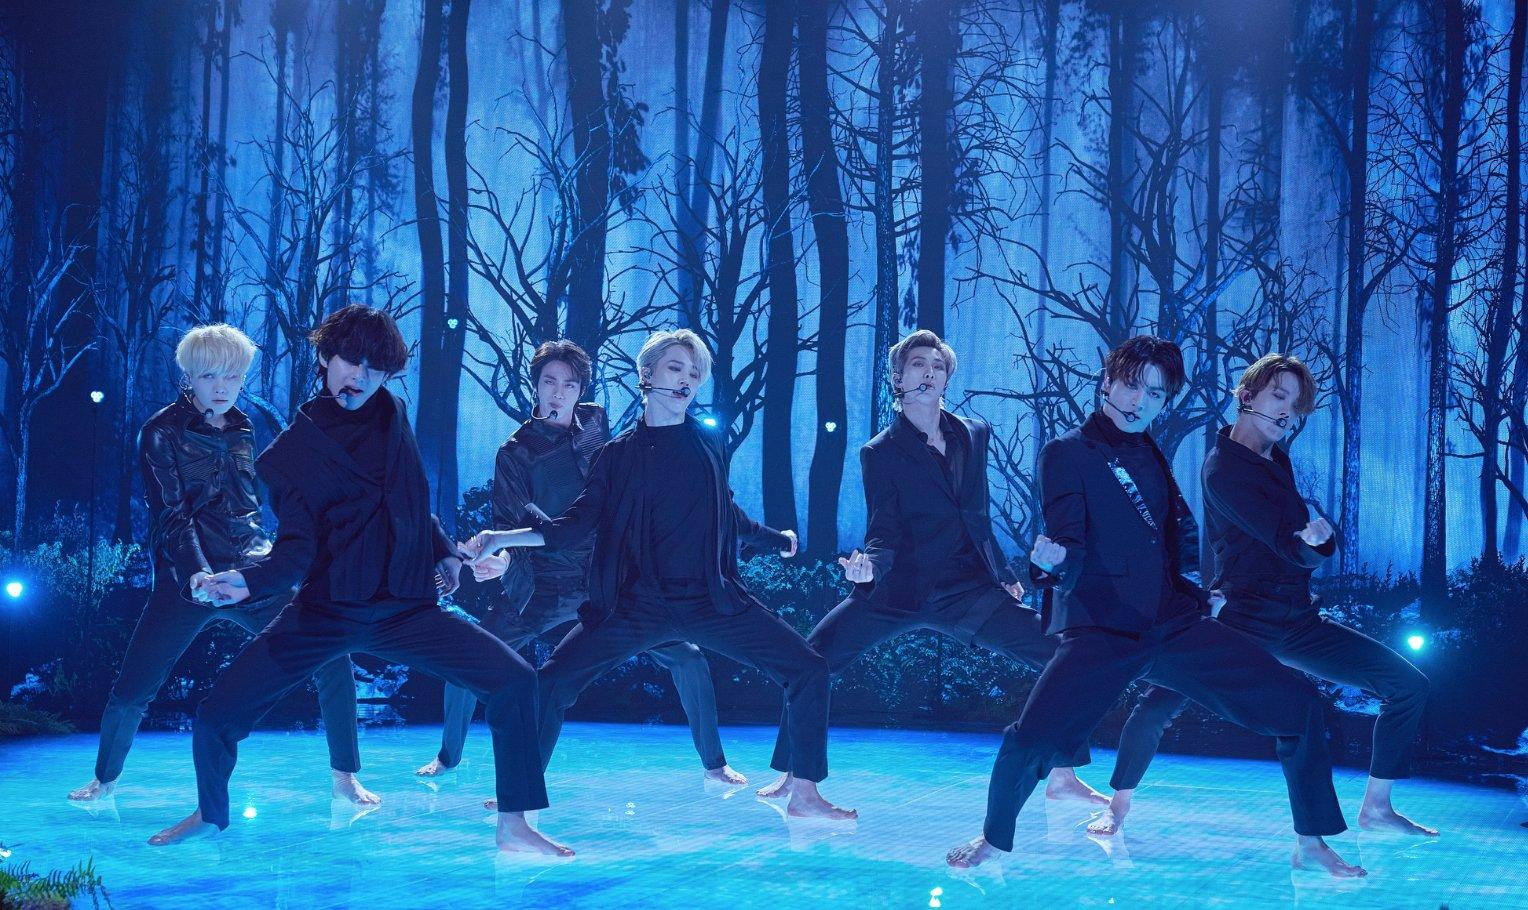 BTS Menampilkan Black Swan Secara Live Pertama Kali di TV Show Terkenal Amerika Serikat The Late Late Show with James Corden